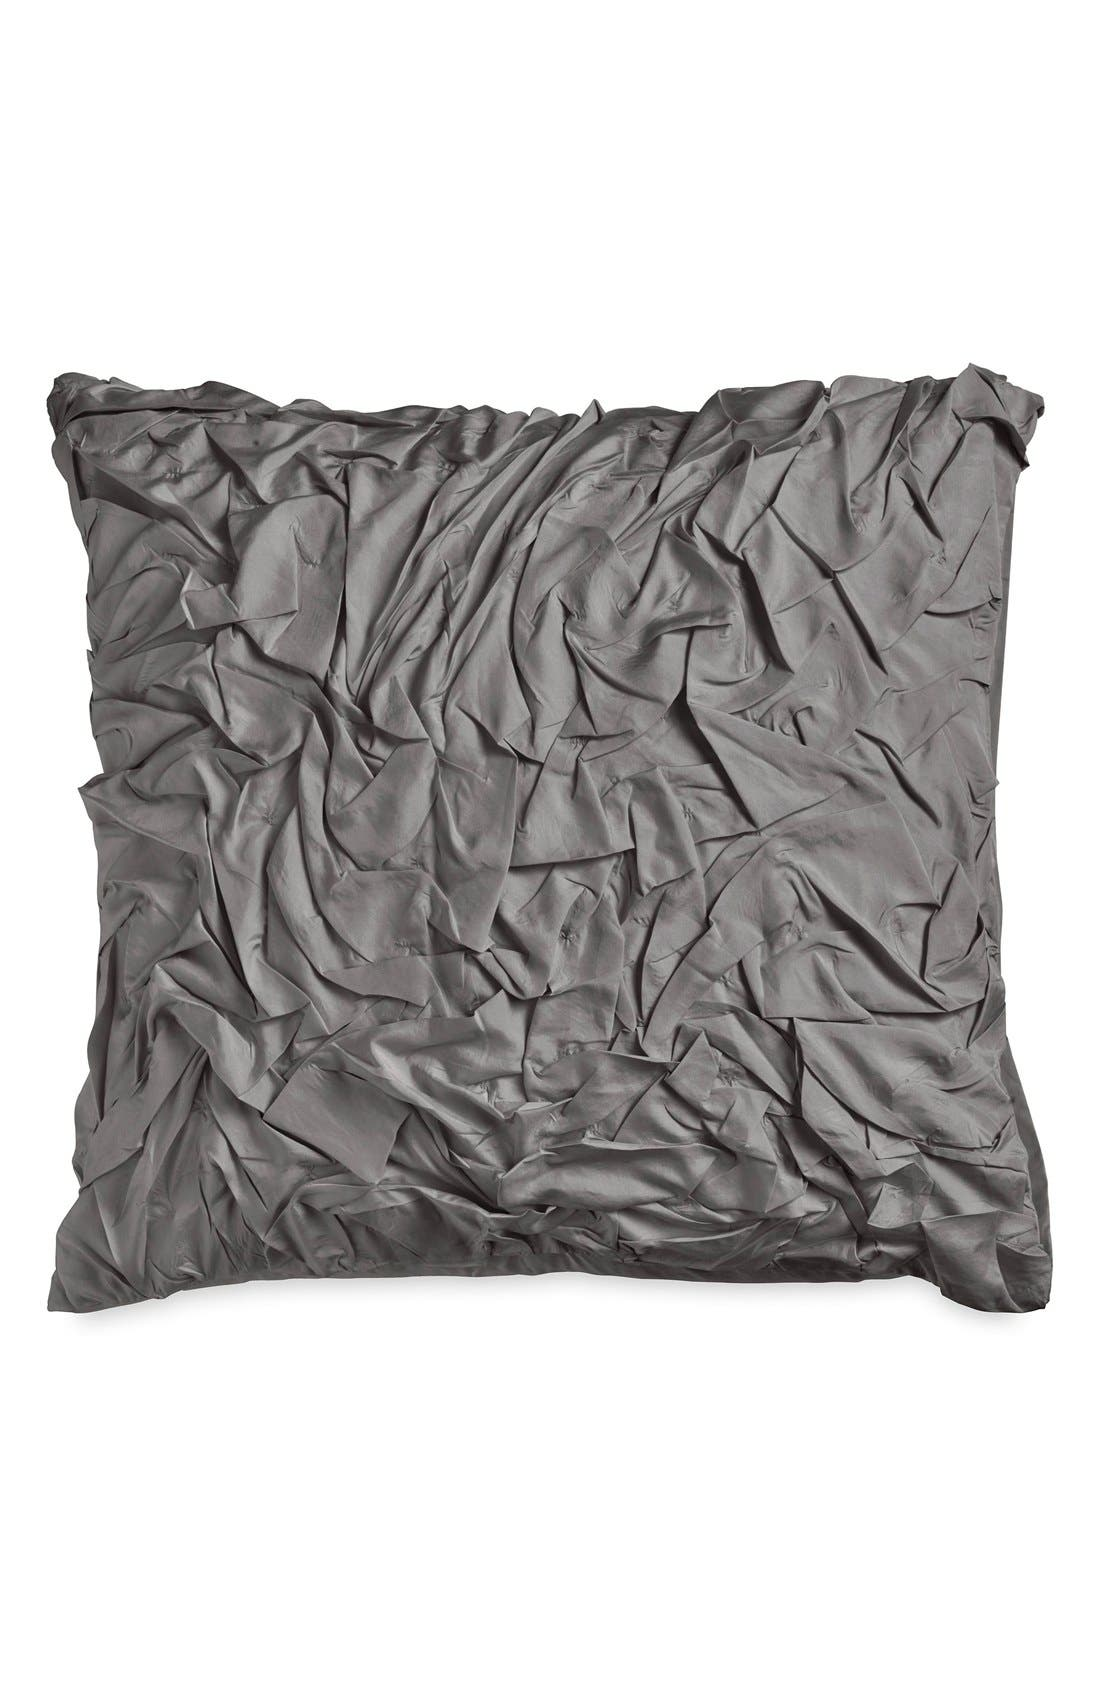 DONNA KARAN NEW YORK Donna Karan Collection 'Silk